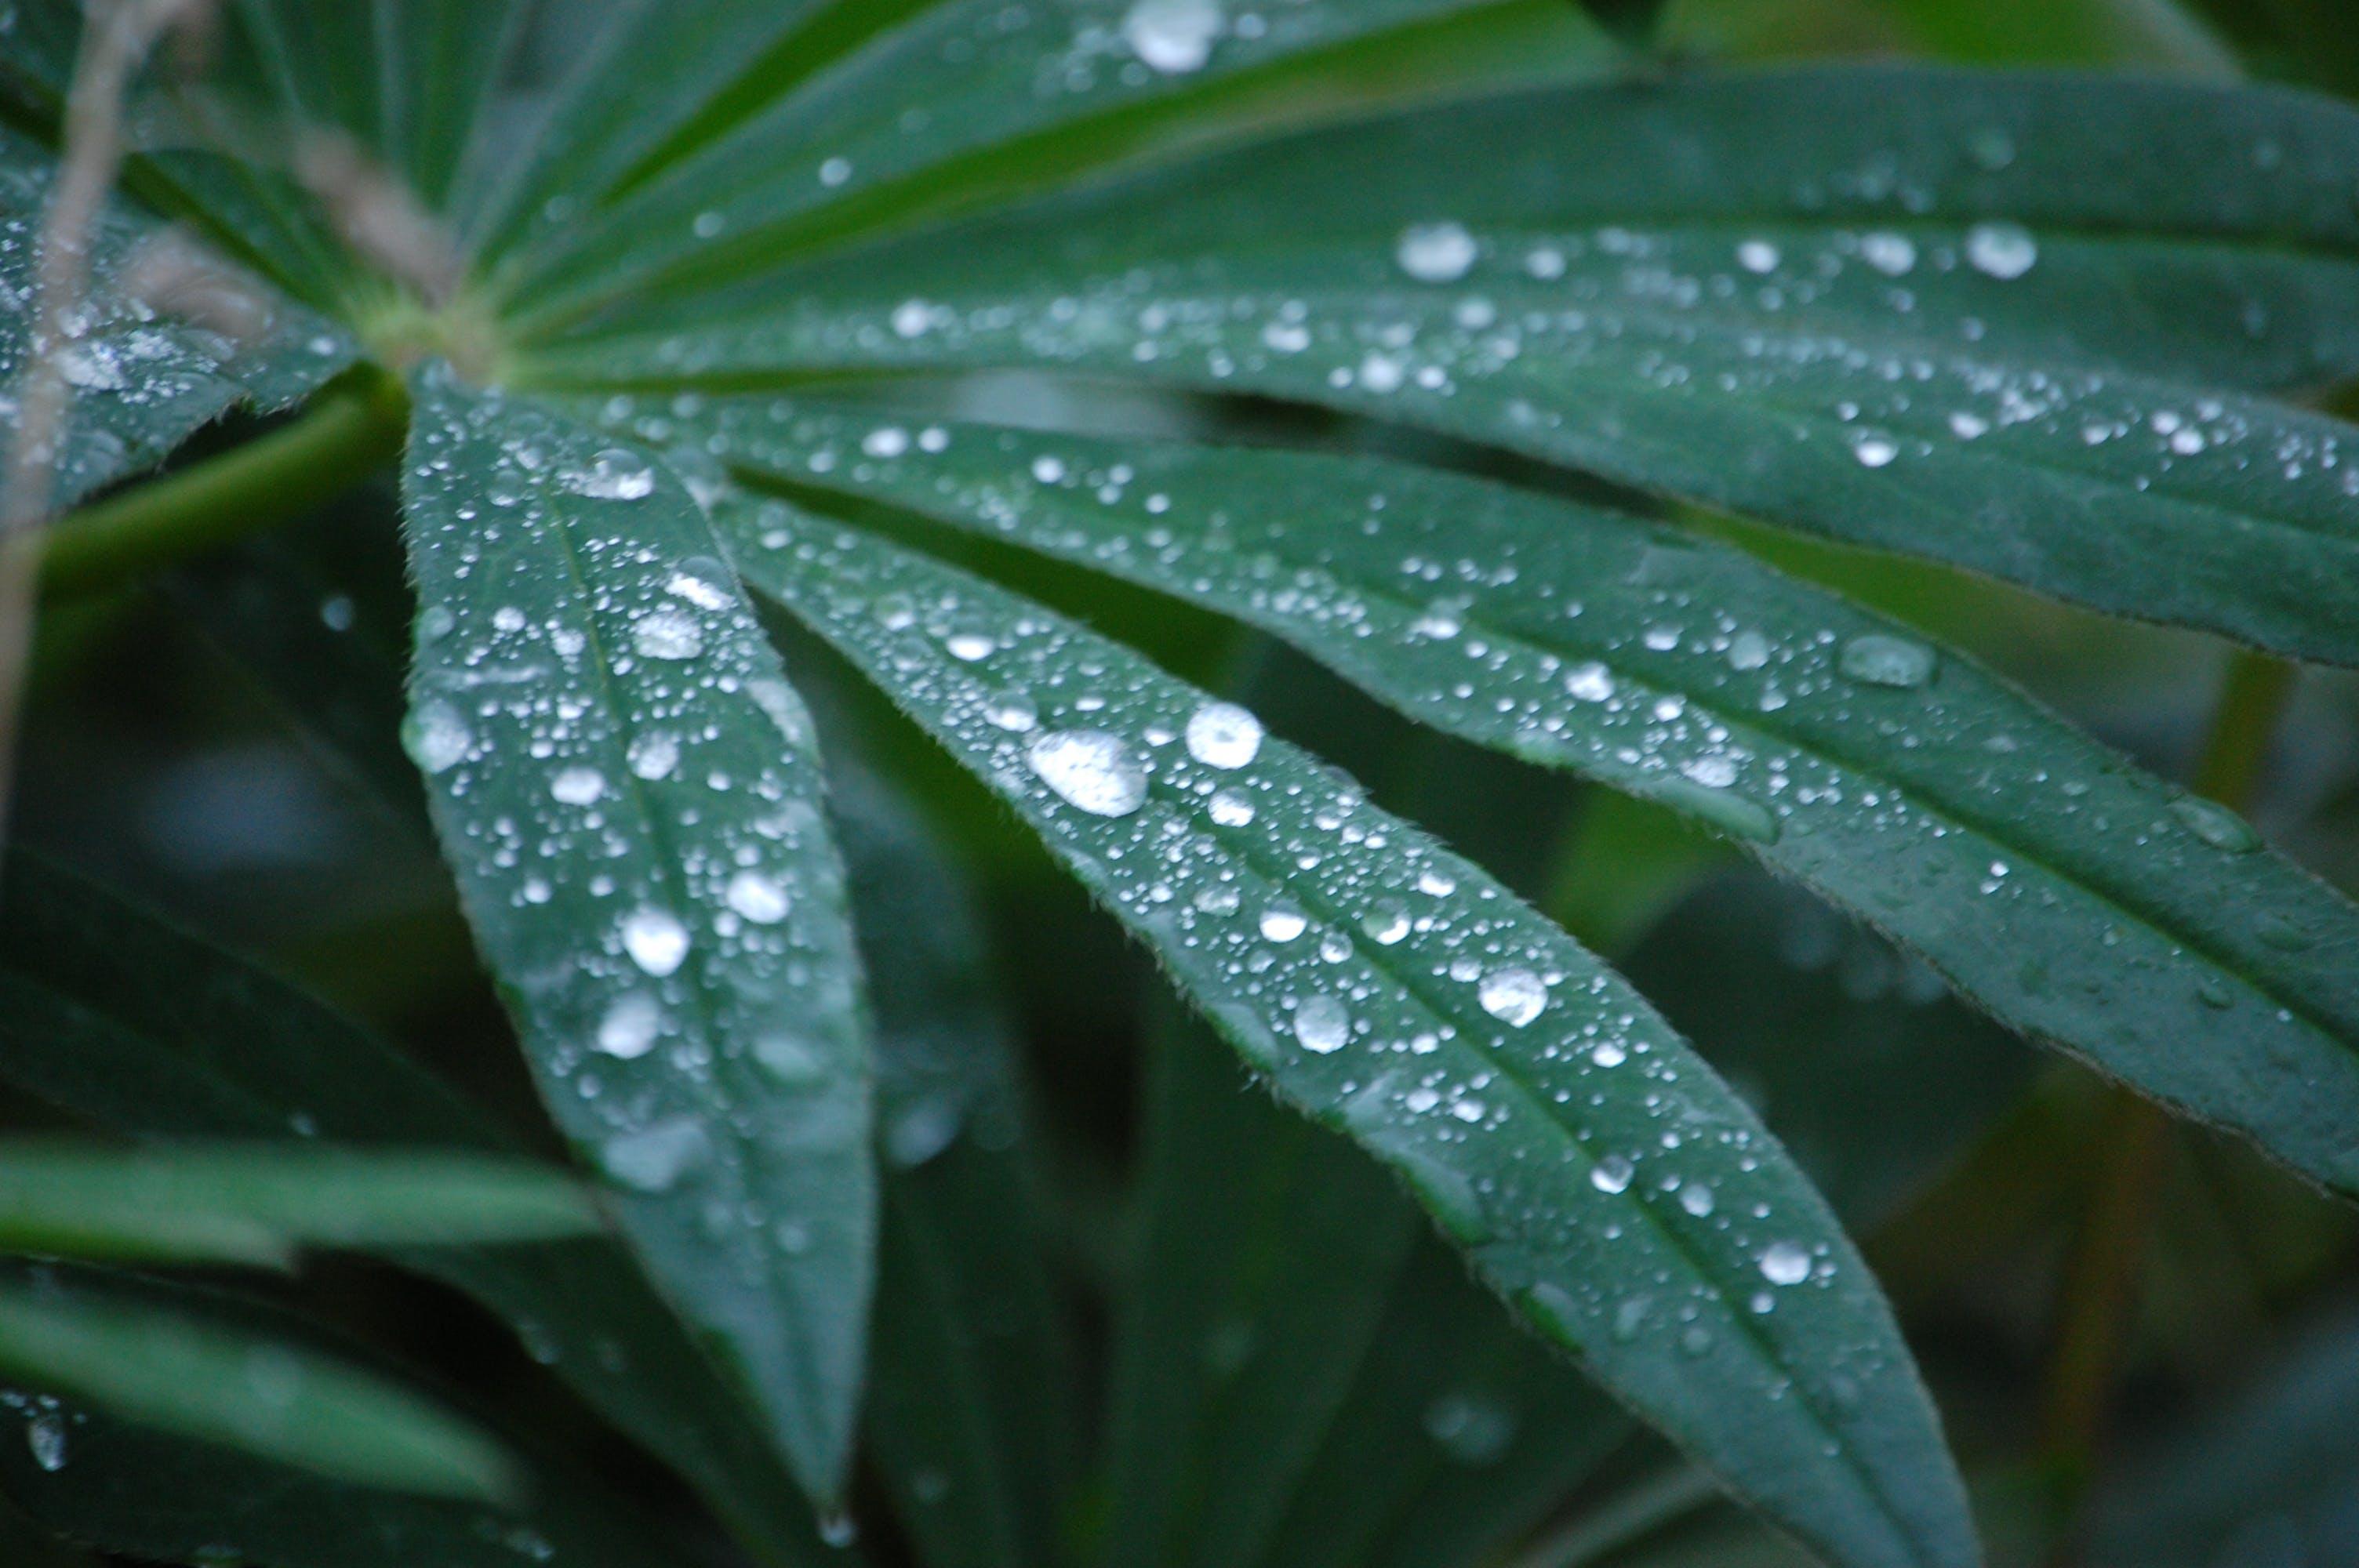 Fotos de stock gratuitas de gotas de lluvia